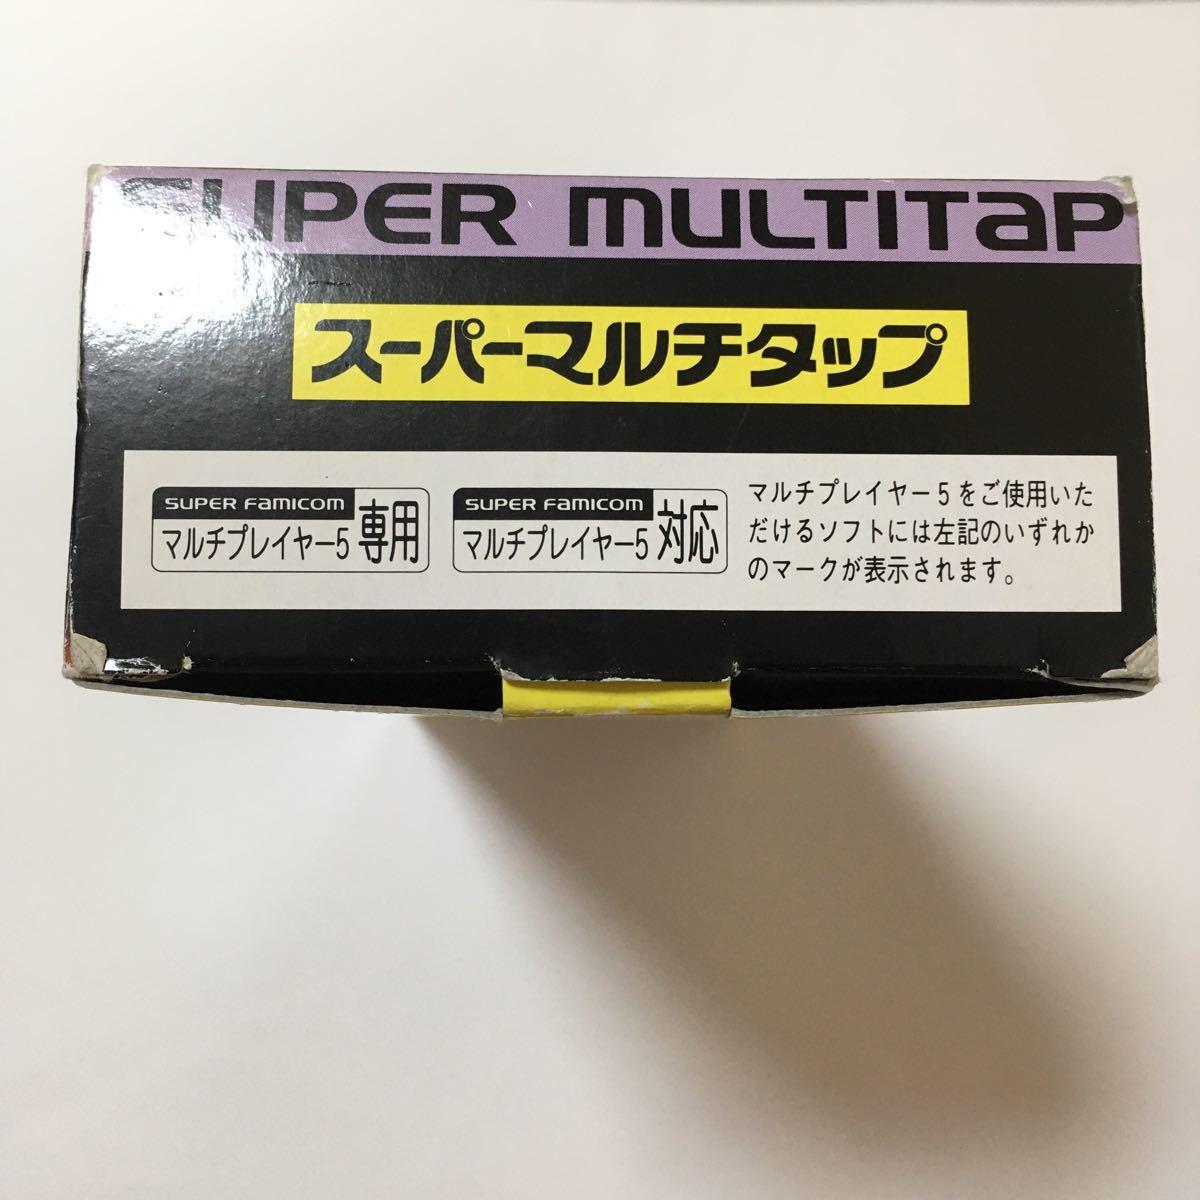 スーパーファミコン マルチタップ ハドソン SFC スーファミ 任天堂 正規品 レトロ ゲーム